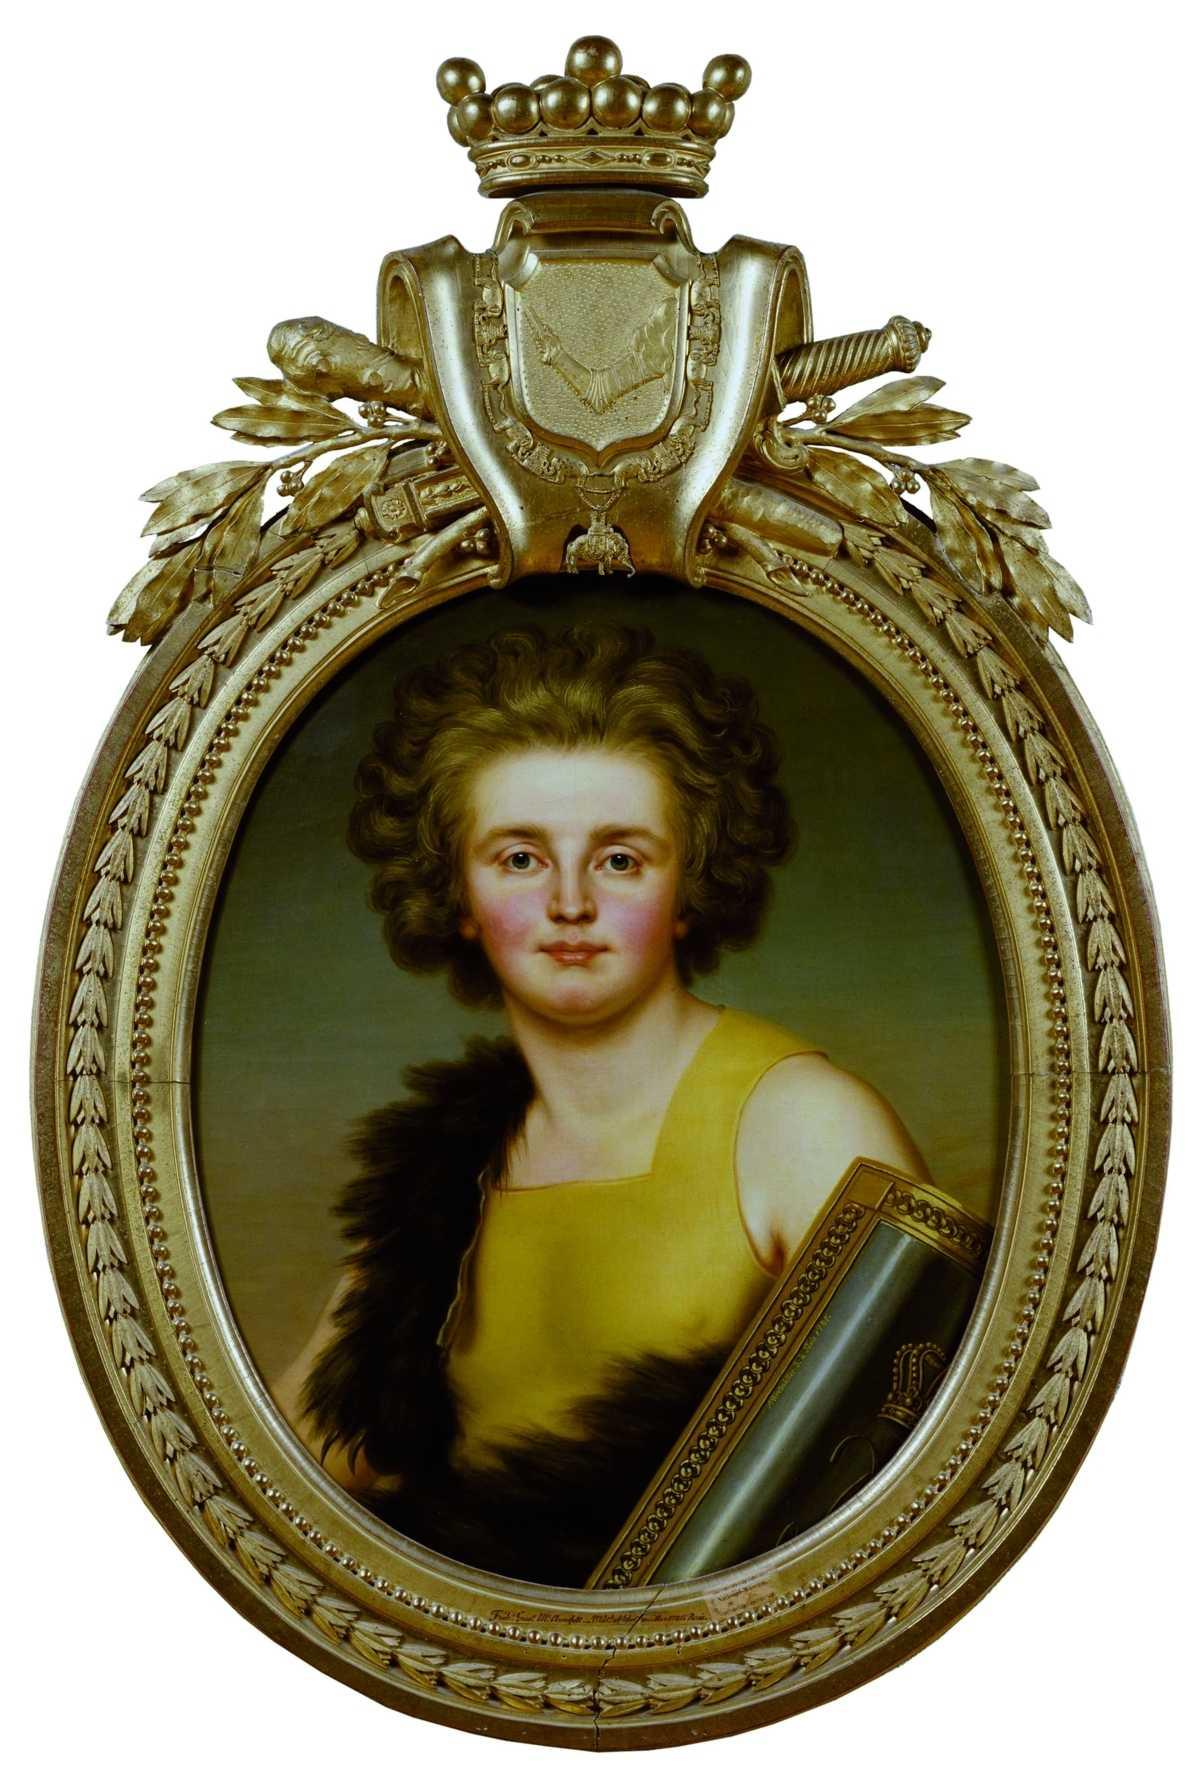 När Gustav III grundade Svenska Akademien 1786 var Finland en del av Sverige och finlandssvenskar kunde givetvis väljas in. Kungens gunstling Gustaf Mauritz Armfelt (bilden) var en av dem – han invaldes till och med två gånger. Målning av Adolf Ulrik Wertmüller/Nationalmuseum.